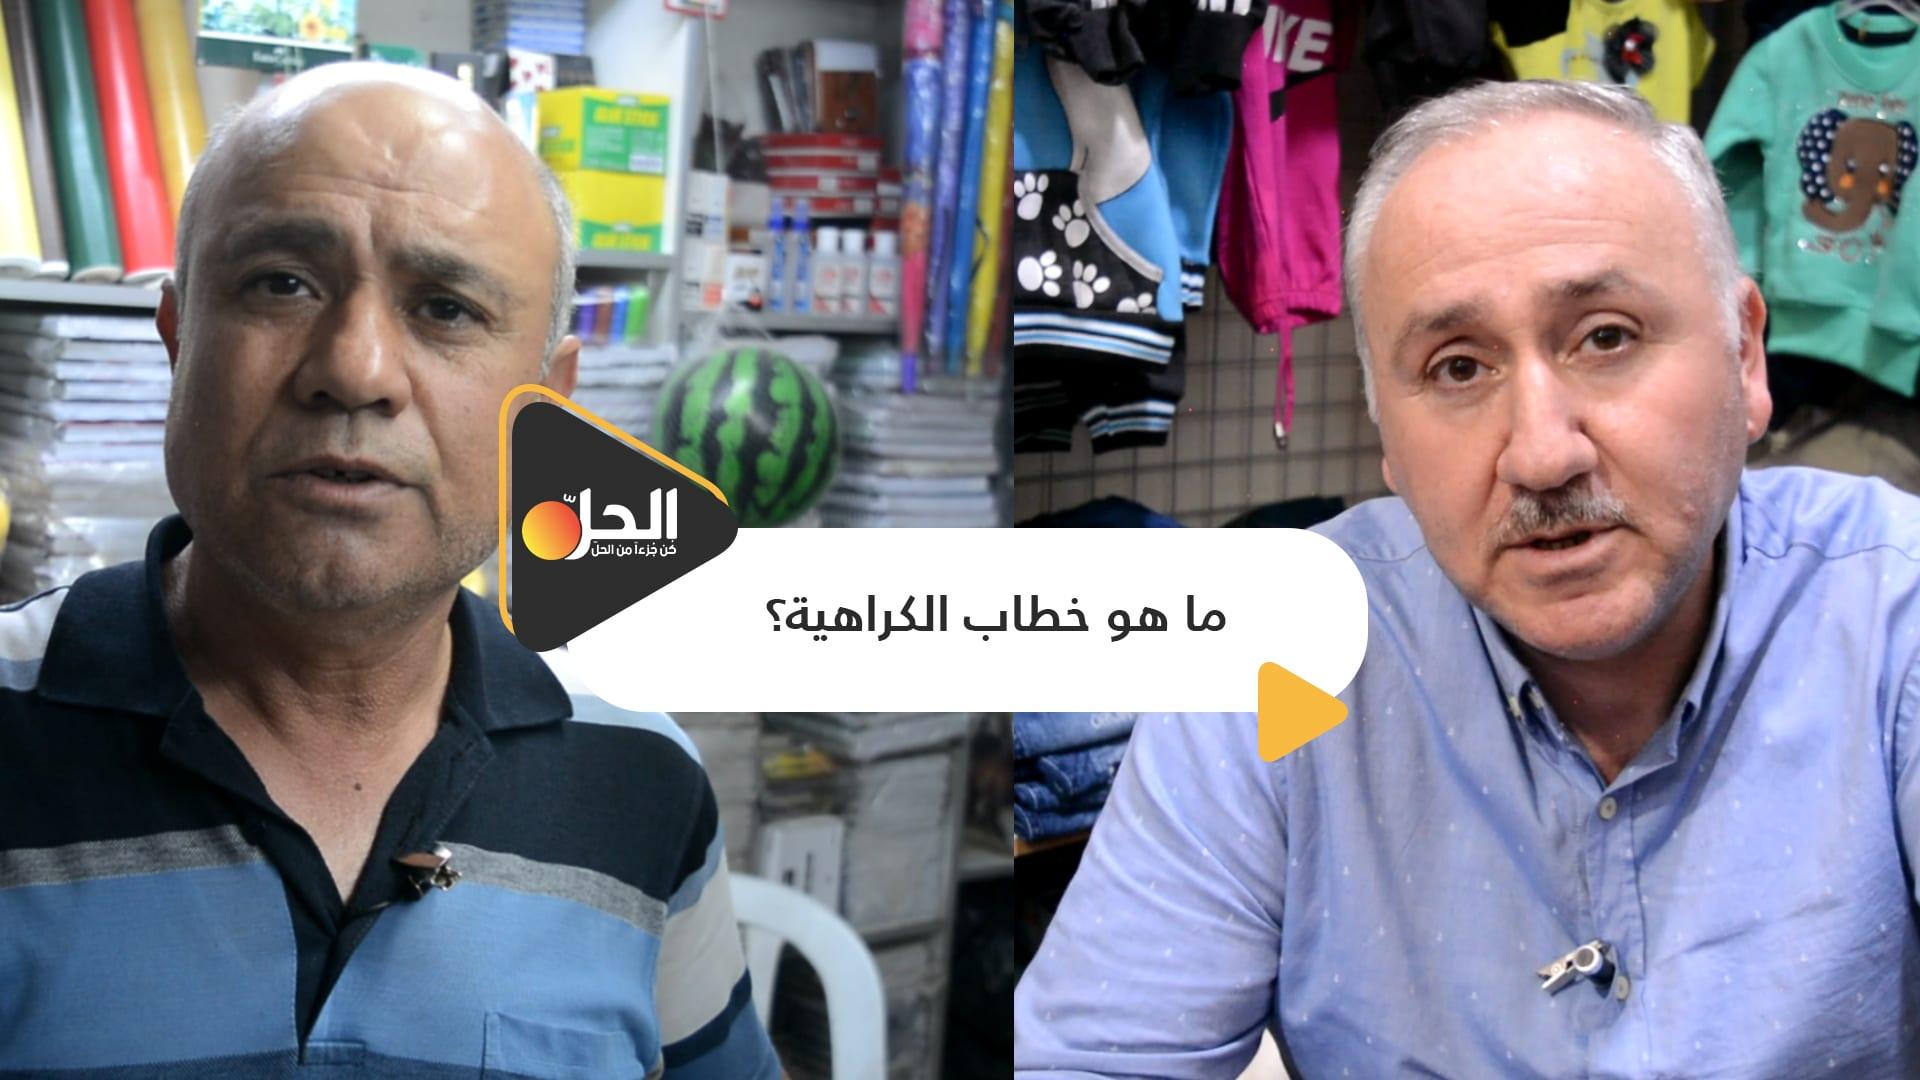 أصوات من سوريا في مواجهة خطاب الكراهية